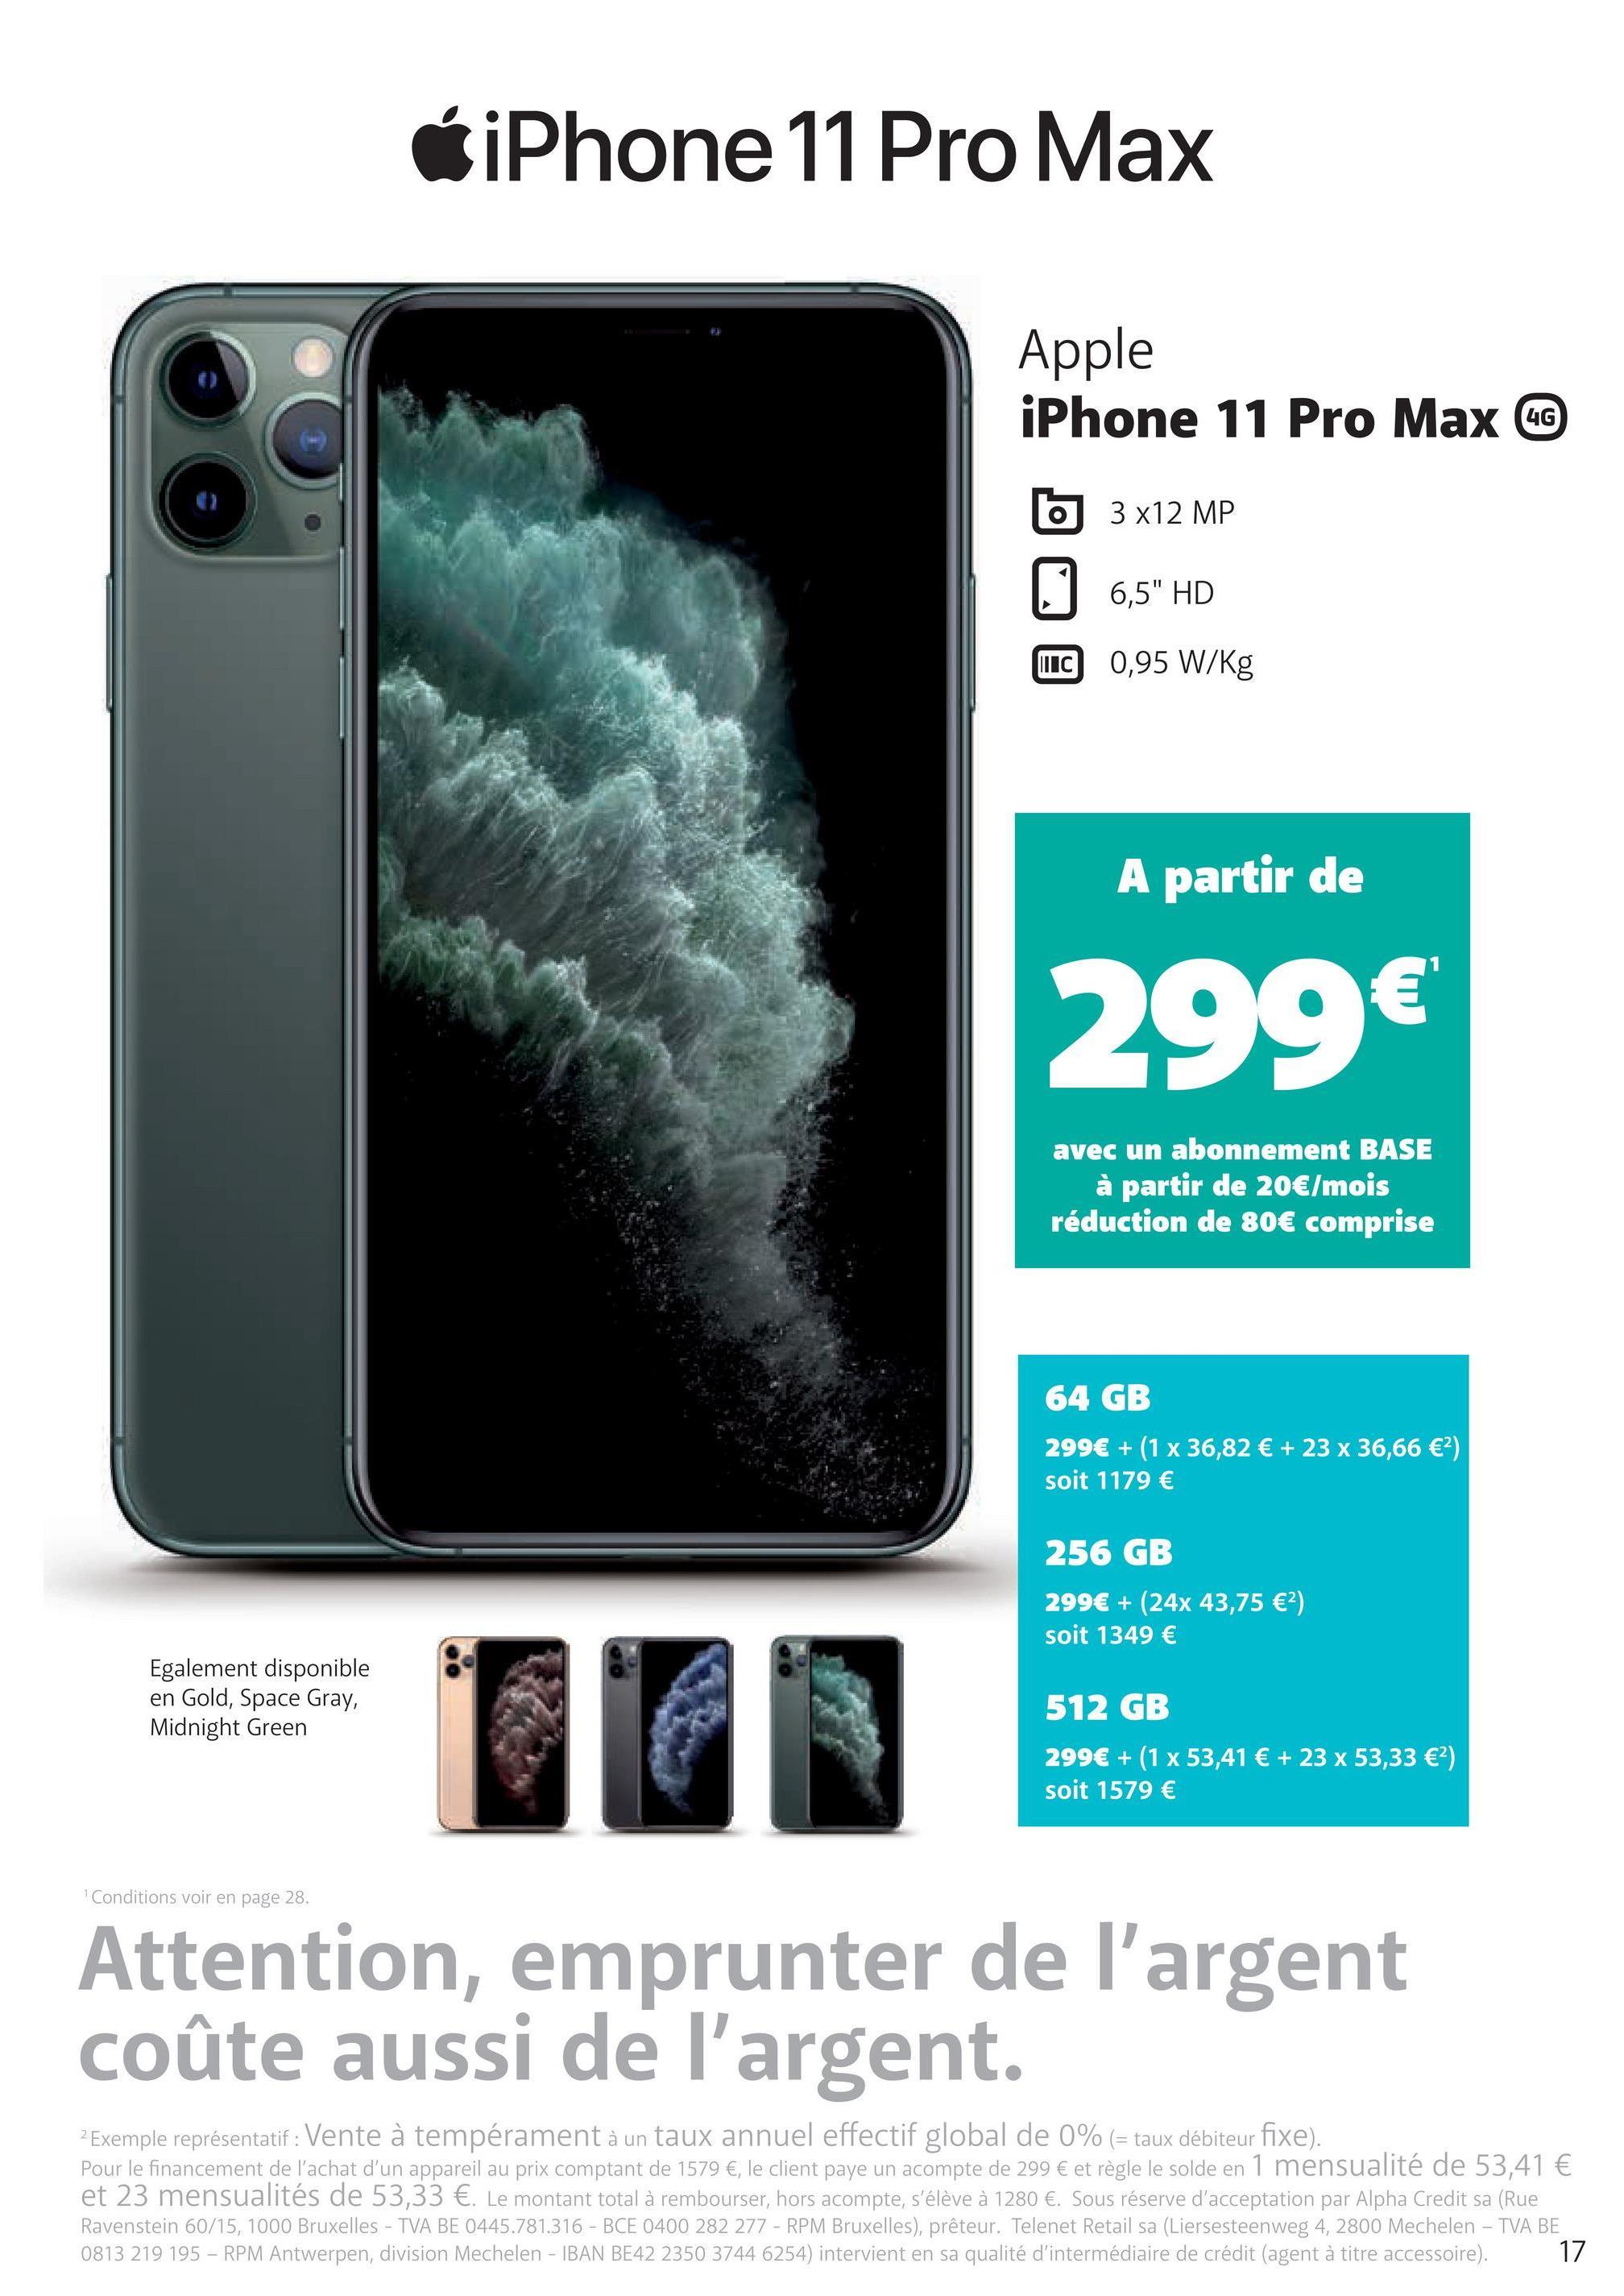 """6 iPhone 11 Pro Max Apple iPhone 11 Pro Max @ 5 3x12 MP 6,5"""" HD TC 0,95 W/kg A partir de 299€ avec un abonnement BASE à partir de 20€/mois réduction de 80€ comprise 64 GB 299€ + (1 x 36,82 € + 23 x 36,66 €) soit 1179 € 256 GB 299€ + (24x 43,75 €) soit 1349 € Egalement disponible en Gold, Space Gray, Midnight Green 512 GB 299€ + (1 x 53,41 € + 23 x 53,33 €) soit 1579 € Conditions voir en page 28. Attention, emprunter de l'argent coûte aussi de l'argent. 2 Exemple représentatif: Vente à tempérament à un taux annuel effectif global de 0% (= taux débiteur fixe). Pour le financement de l'achat d'un appareil au prix comptant de 1579 €, le client paye un acompte de 299 € et règle le solde en 1 mensualité de 53,41 € et 23 mensualités de 53,33 €. Le montant total à rembourser, hors acompte, s'élève à 1280 €. Sous réserve d'acceptation par Alpha Credit sa (Rue Ravenstein 60/15, 1000 Bruxelles - TVA BE 0445.781.316 - BCE 0400 282 277 - RPM Bruxelles), prêteur. Telenet Retail sa (Liersesteenweg 4, 2800 Mechelen - TVA BE 0813 219 195 - RPM Antwerpen, division Mechelen - IBAN BE42 2350 3744 6254) intervient en sa qualité d'intermédiaire de crédit (agent à titre accessoire). 17"""